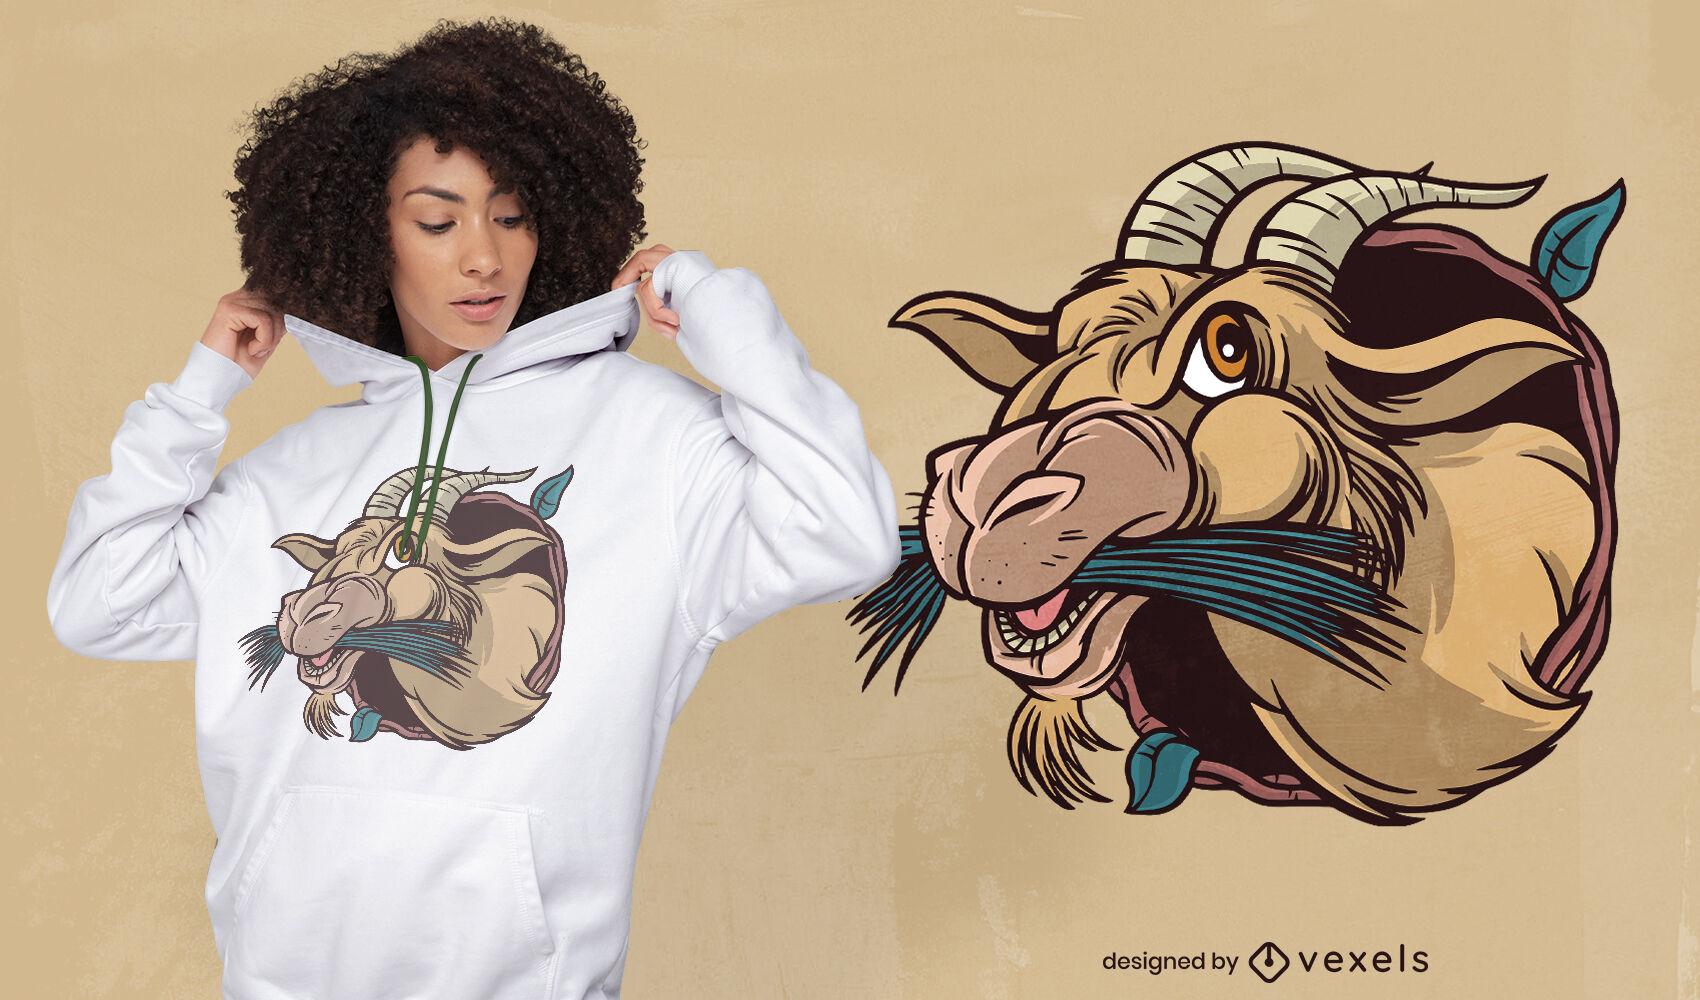 Diseño de camiseta de dibujos animados de cabra comiendo